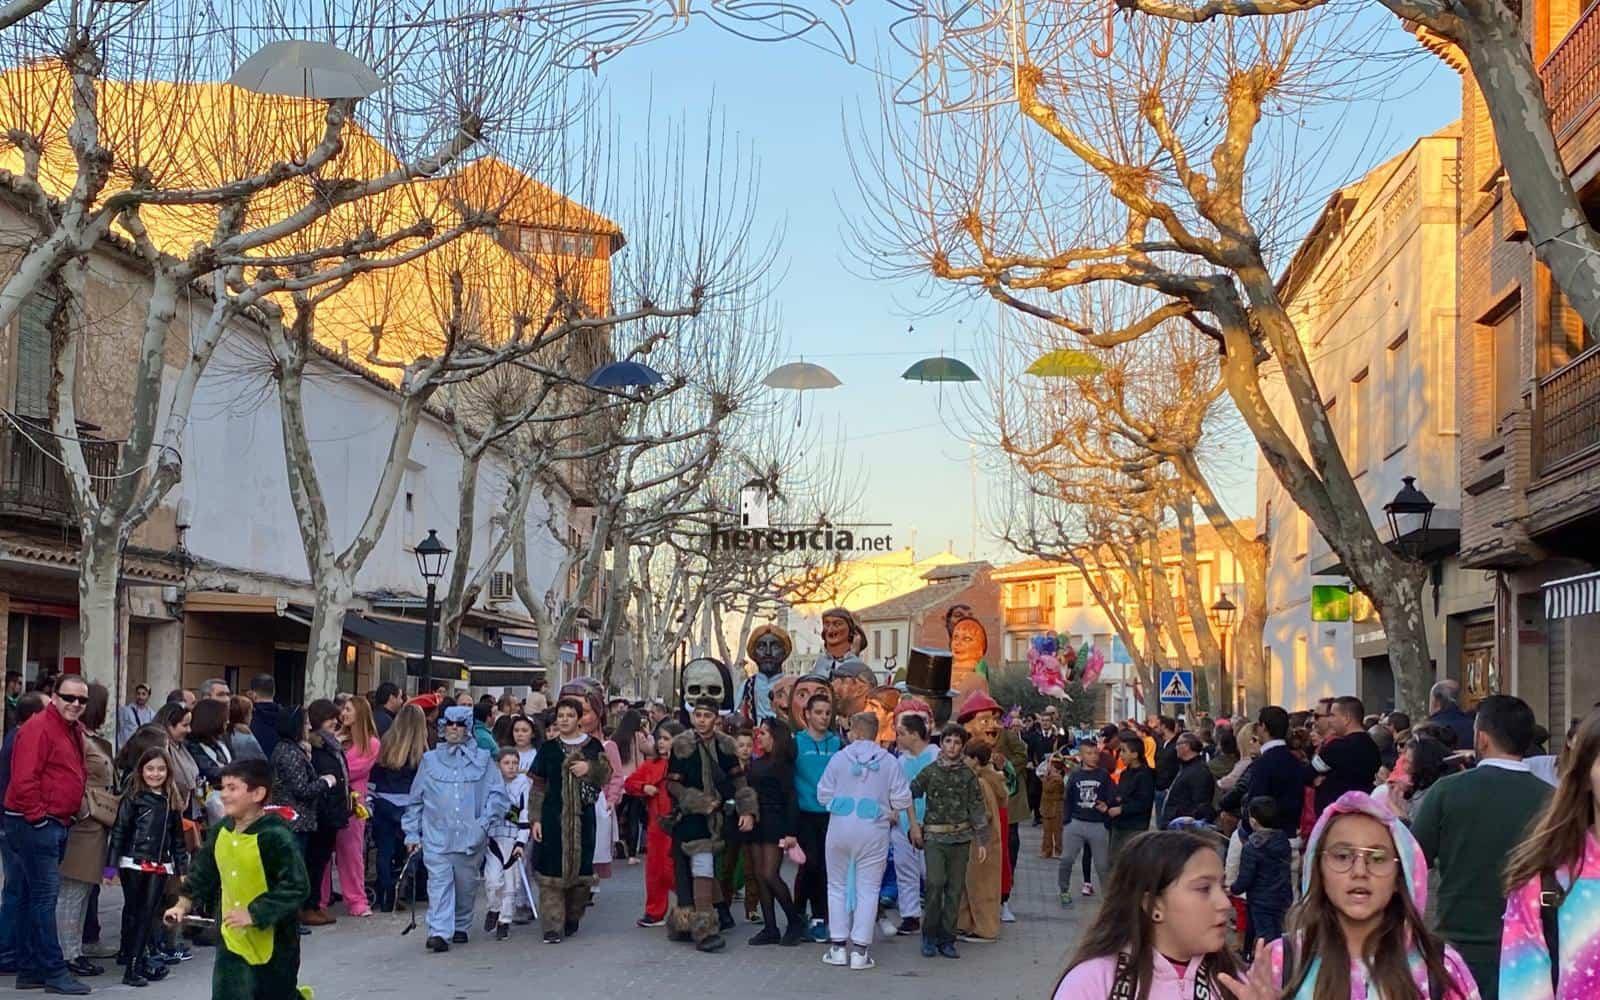 Carnaval herencia 2020 pasacalles domingo deseosas 44 - El Domingo de las Deseosas invita a todo el mundo al Carnaval de Herencia